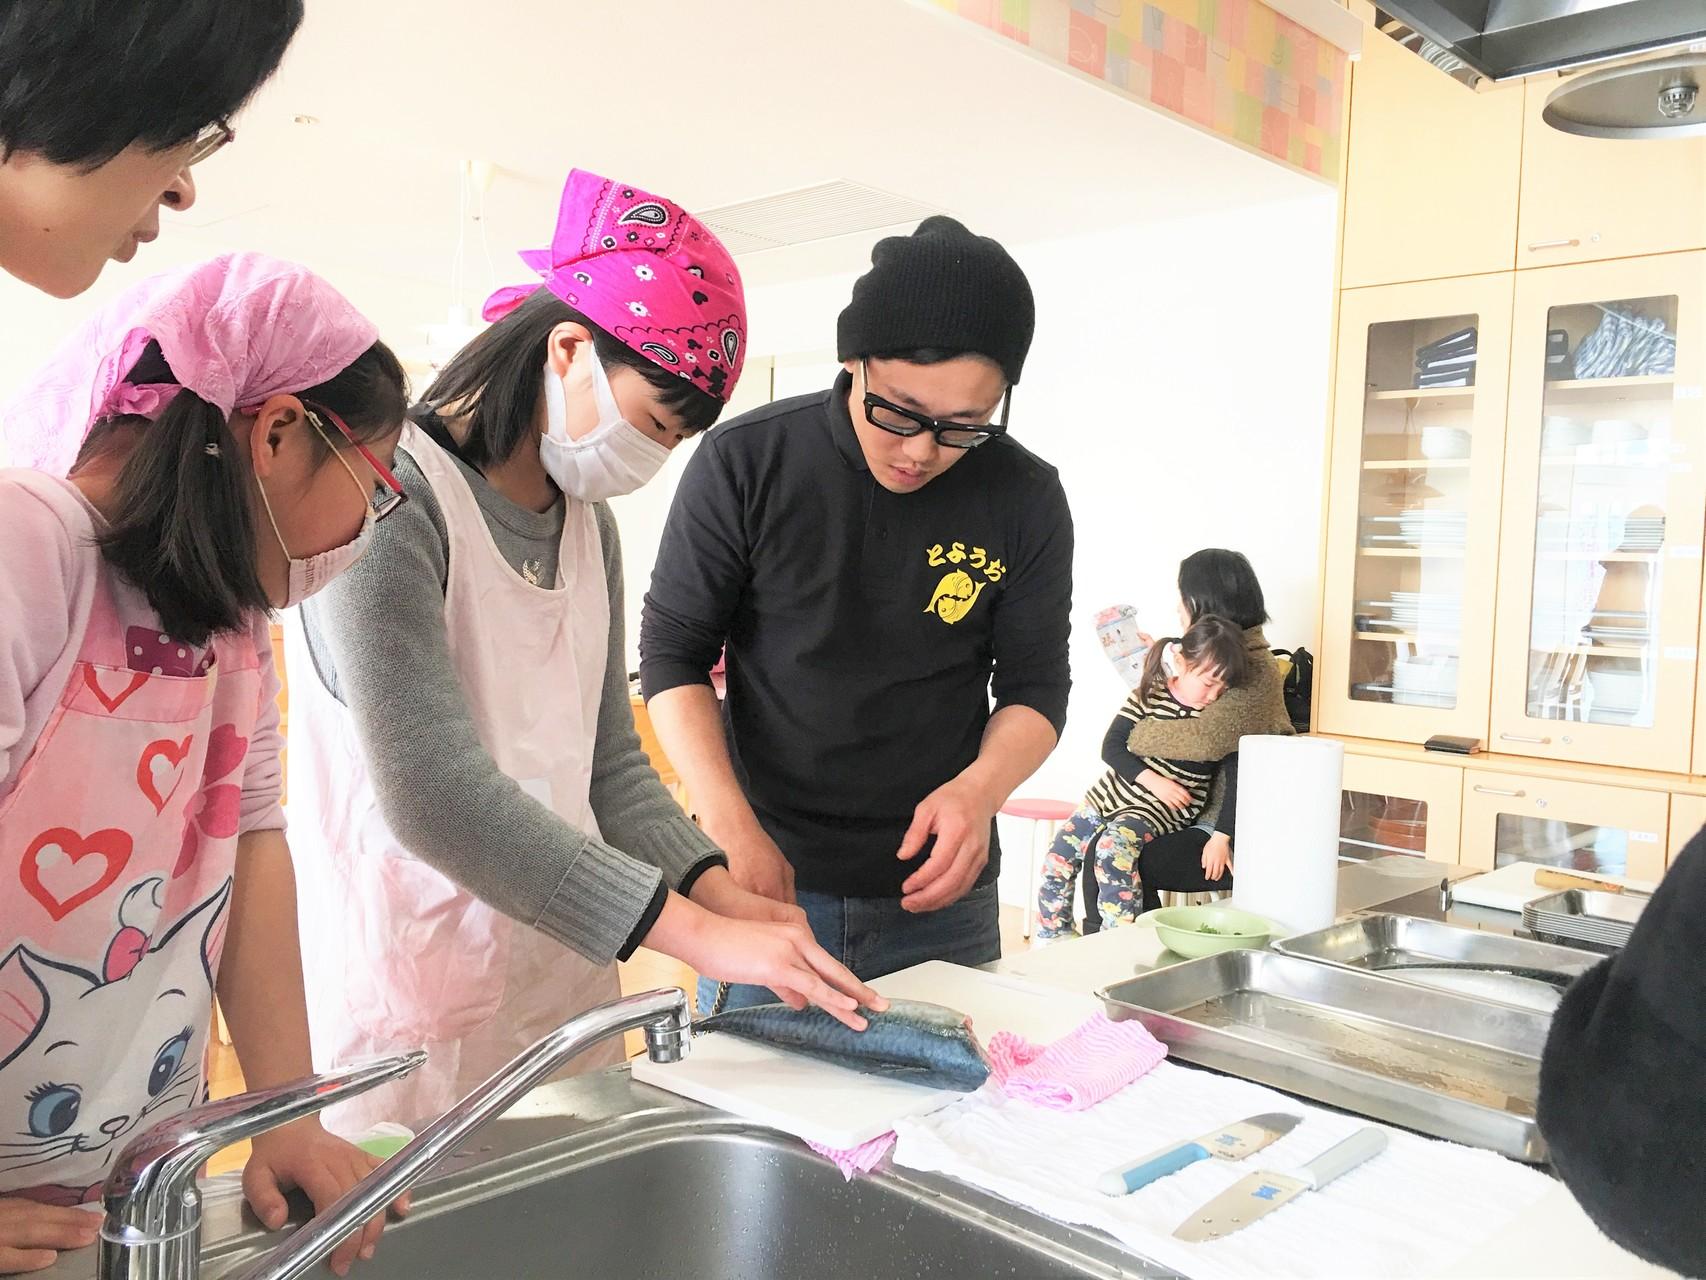 魚市場鮮魚部の山本尚さん(右端)の指導を受ける生徒。